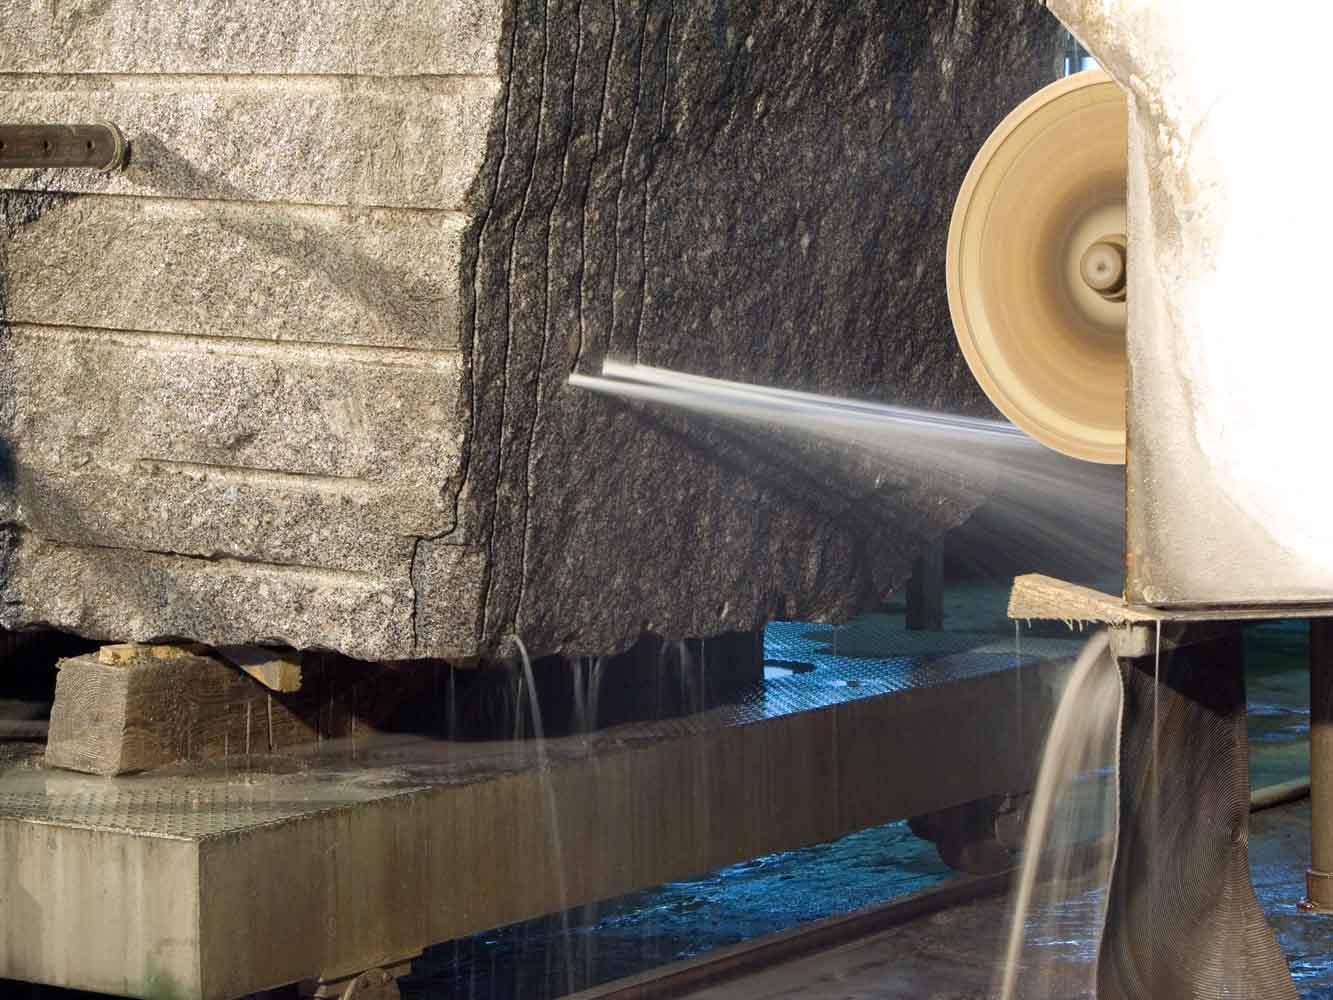 Обработка и распил дагестанского камня производится в Дагестане.